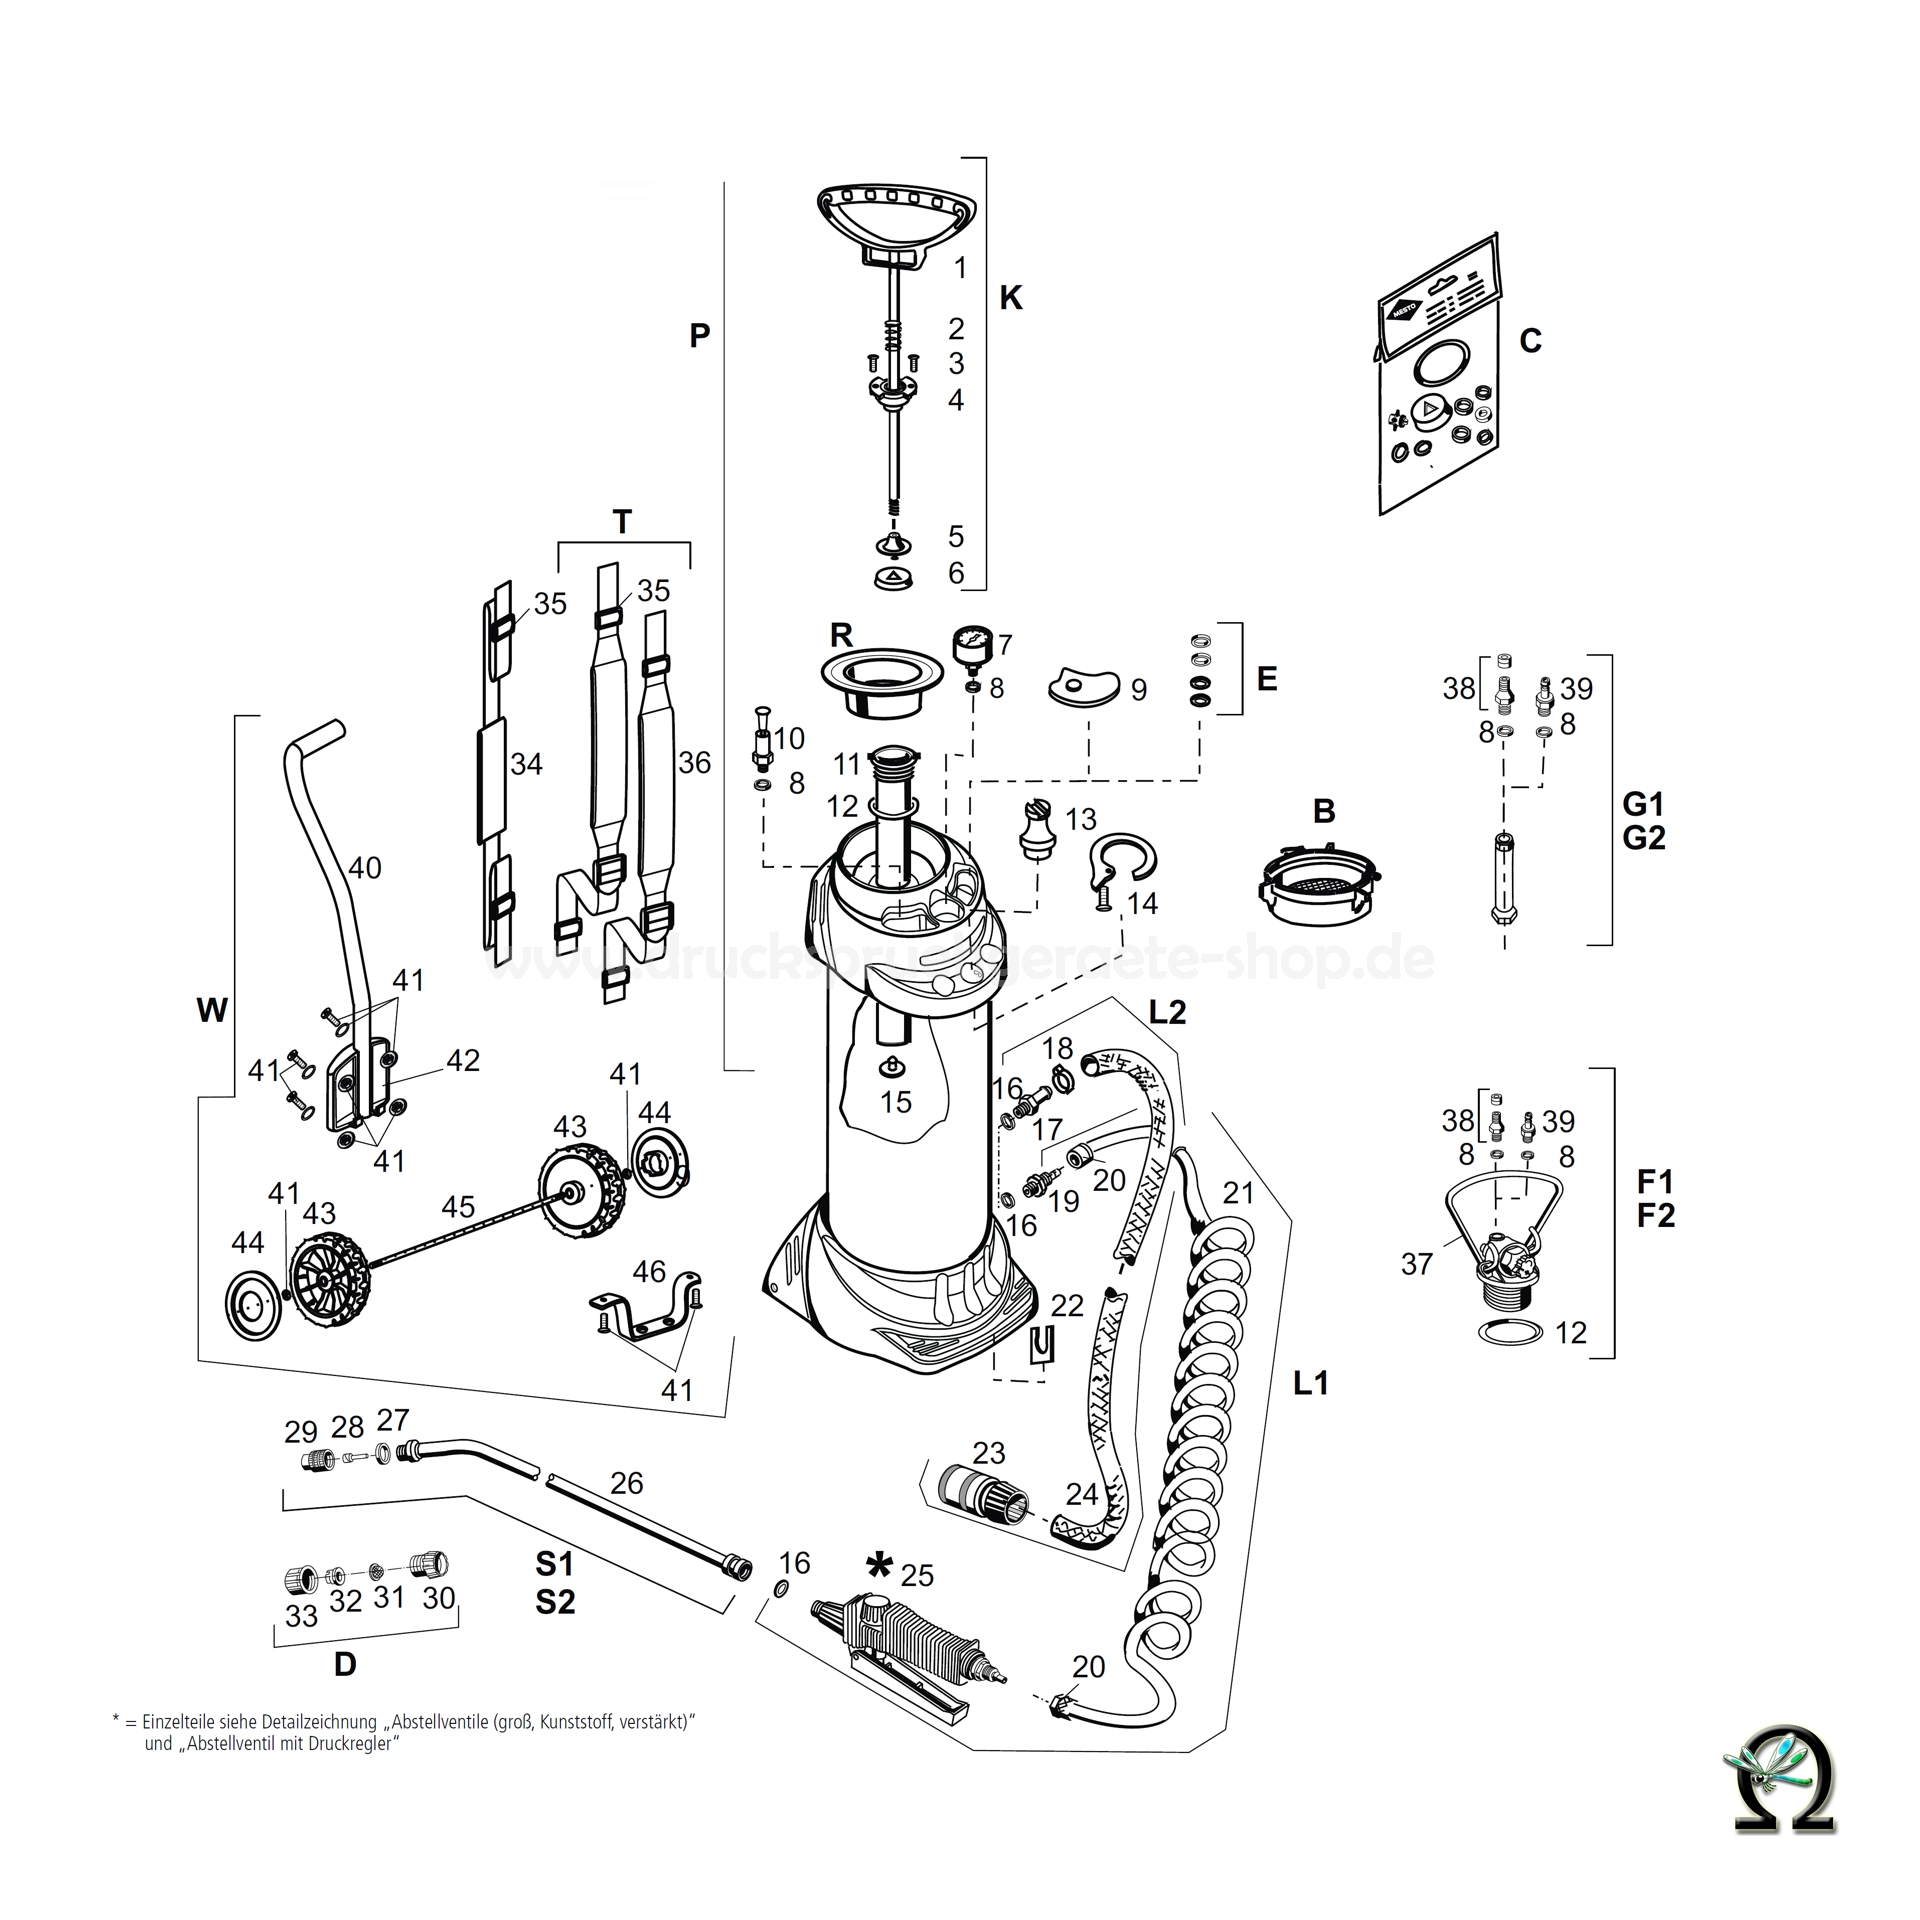 MESTO Druckwasserbehälter 3615W - 10 Liter, Zeichnung der Einzelteile